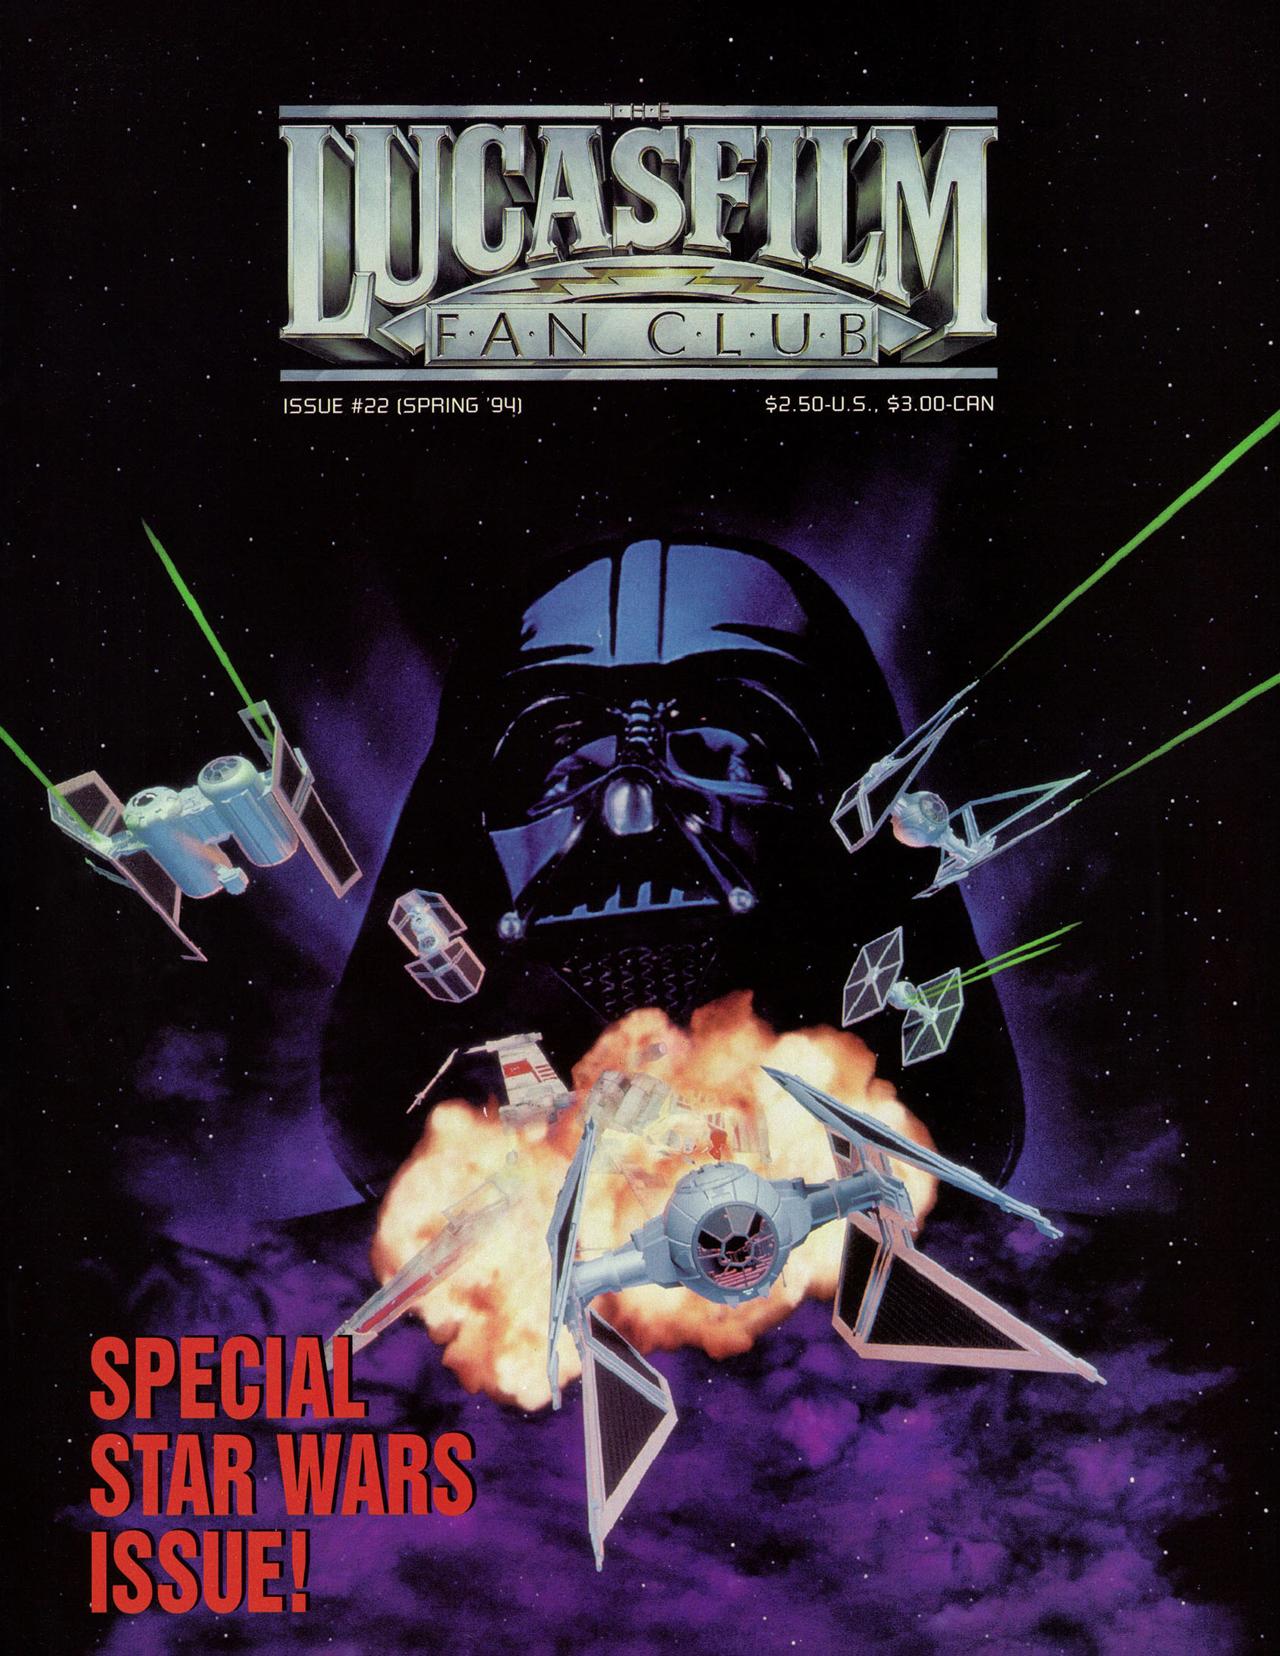 The Lucasfilm Fan Club Magazine 22